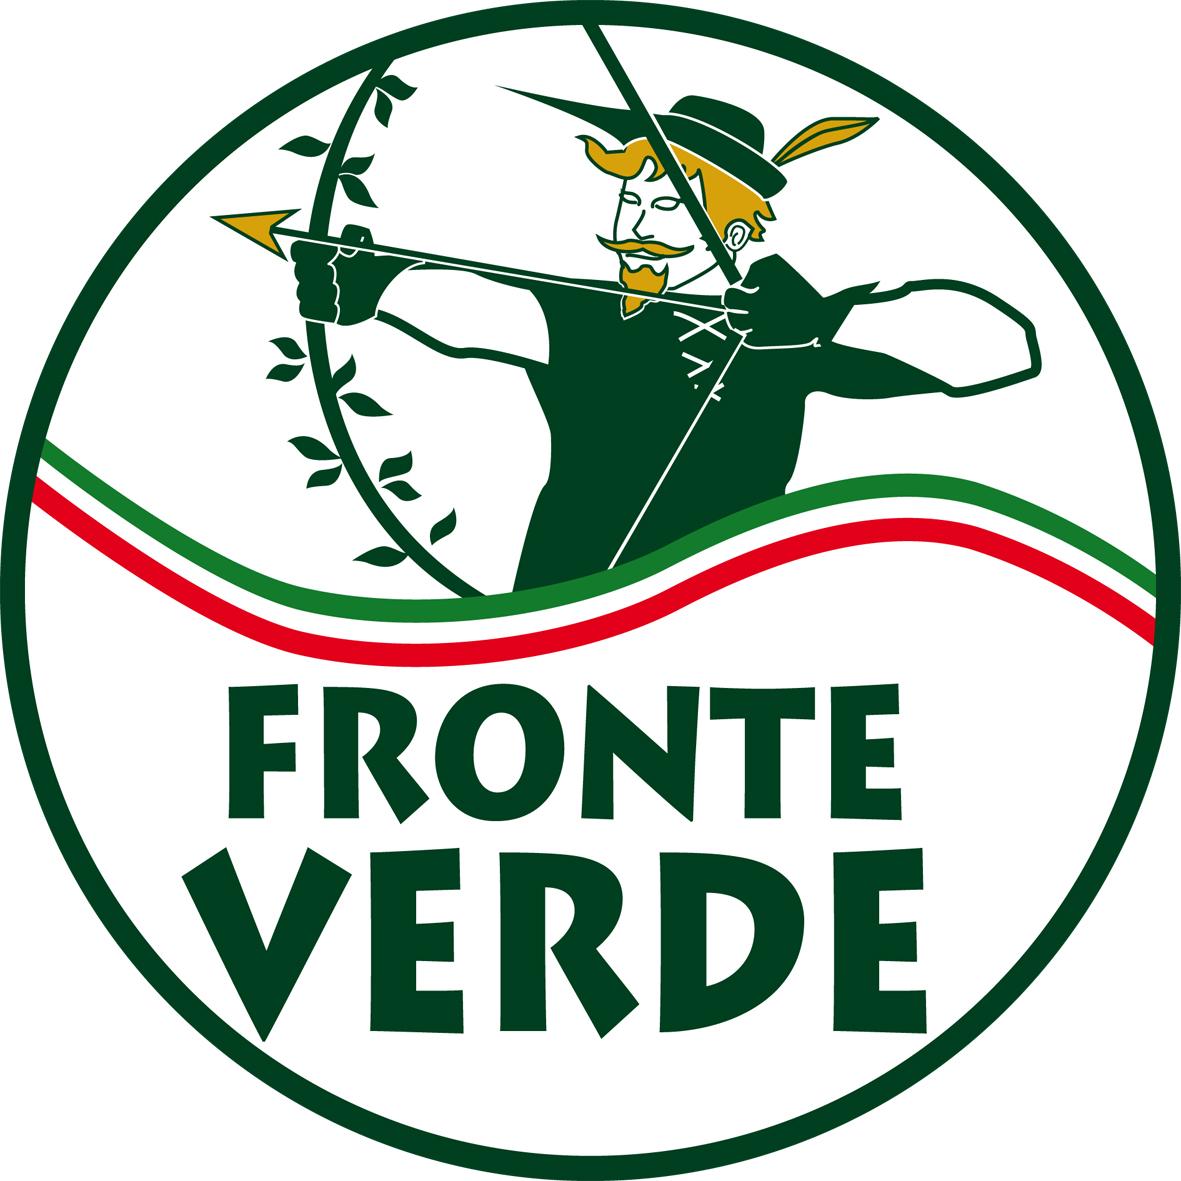 Politiche 2018, 'Fronte Verde' depositato il Logo